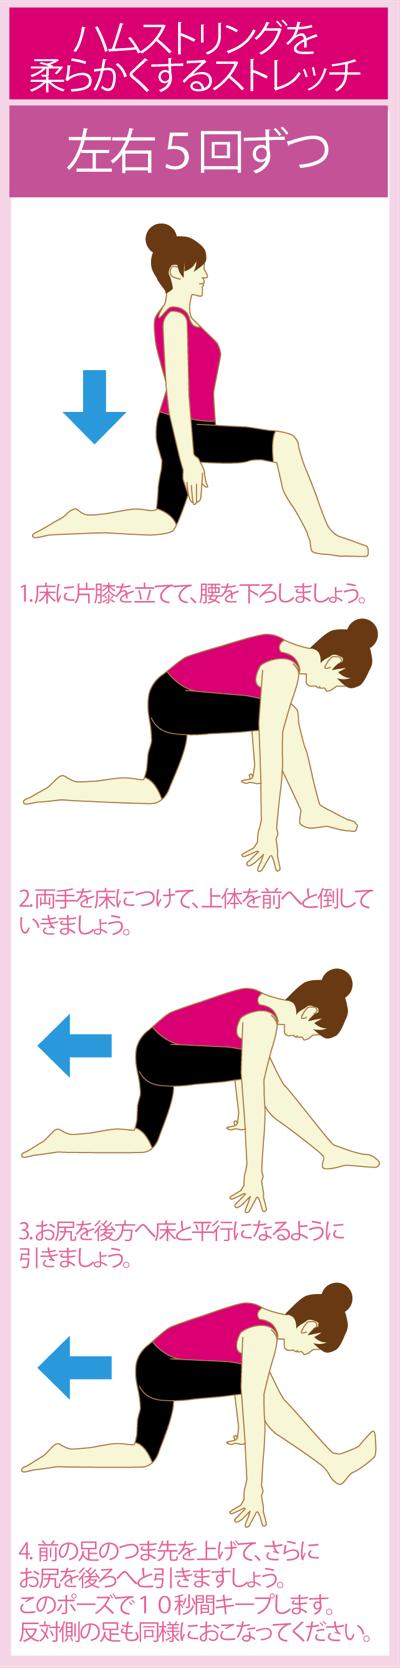 ハムストリングスの柔軟性を高める足痩せストレッチ